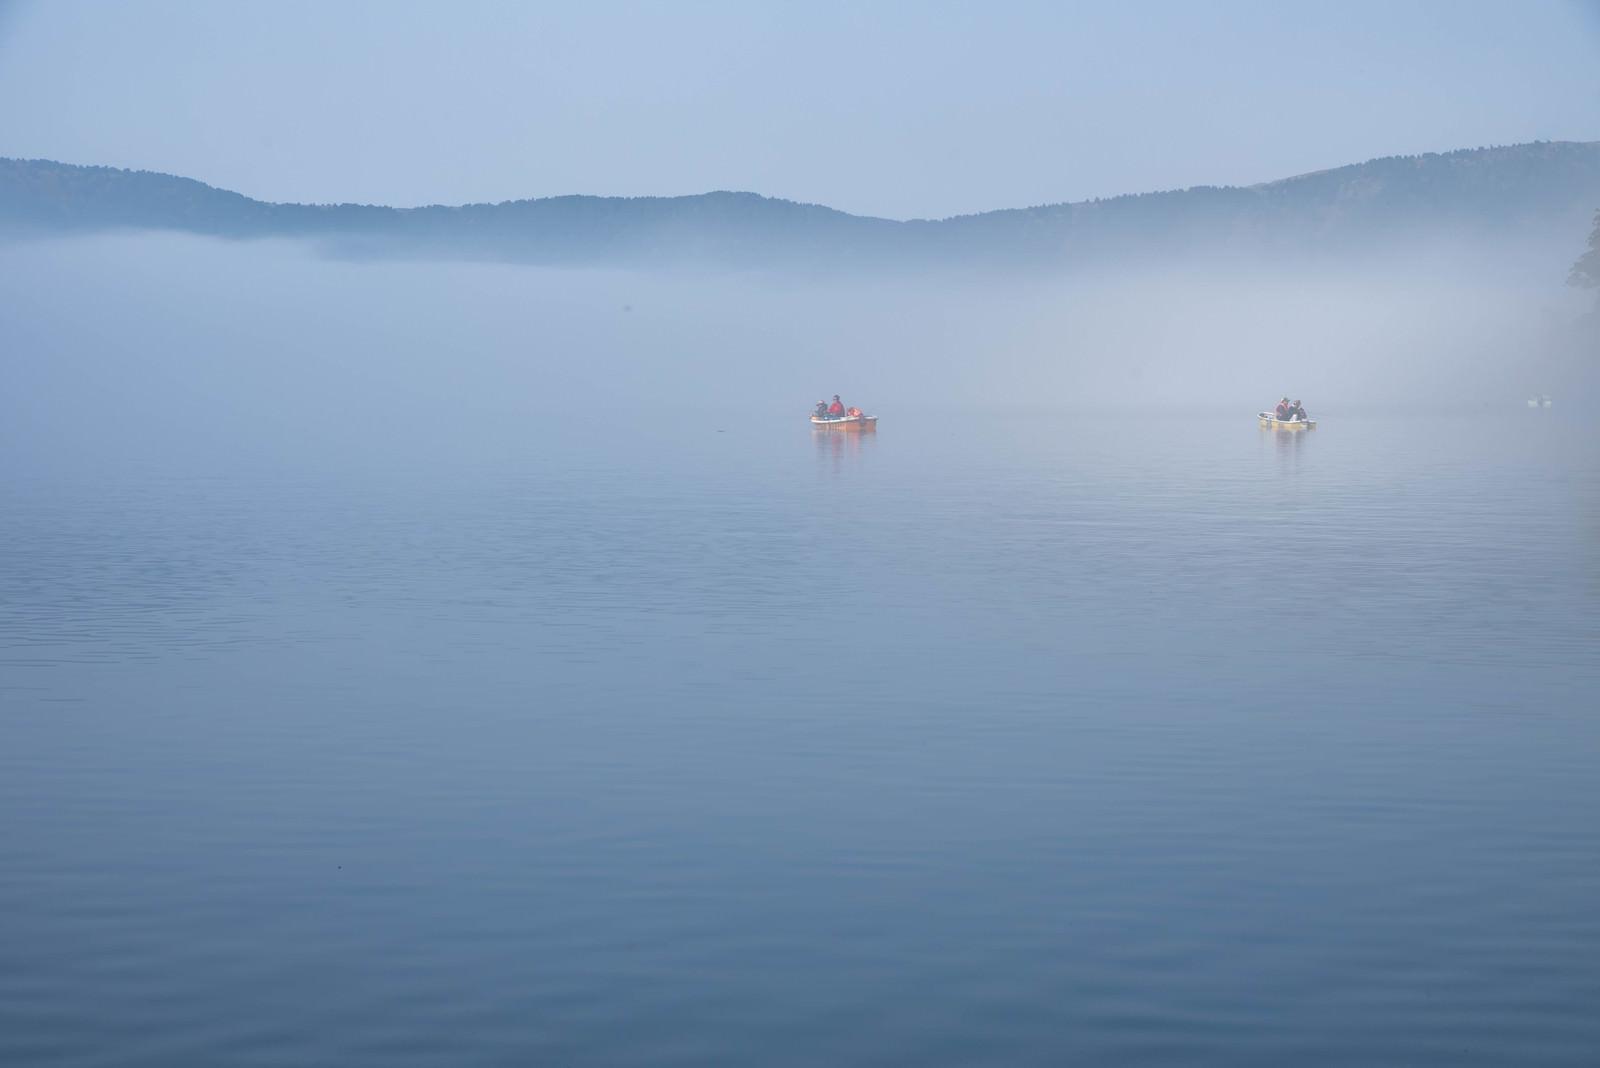 「霧の芦ノ湖に浮かぶ釣り船霧の芦ノ湖に浮かぶ釣り船」のフリー写真素材を拡大